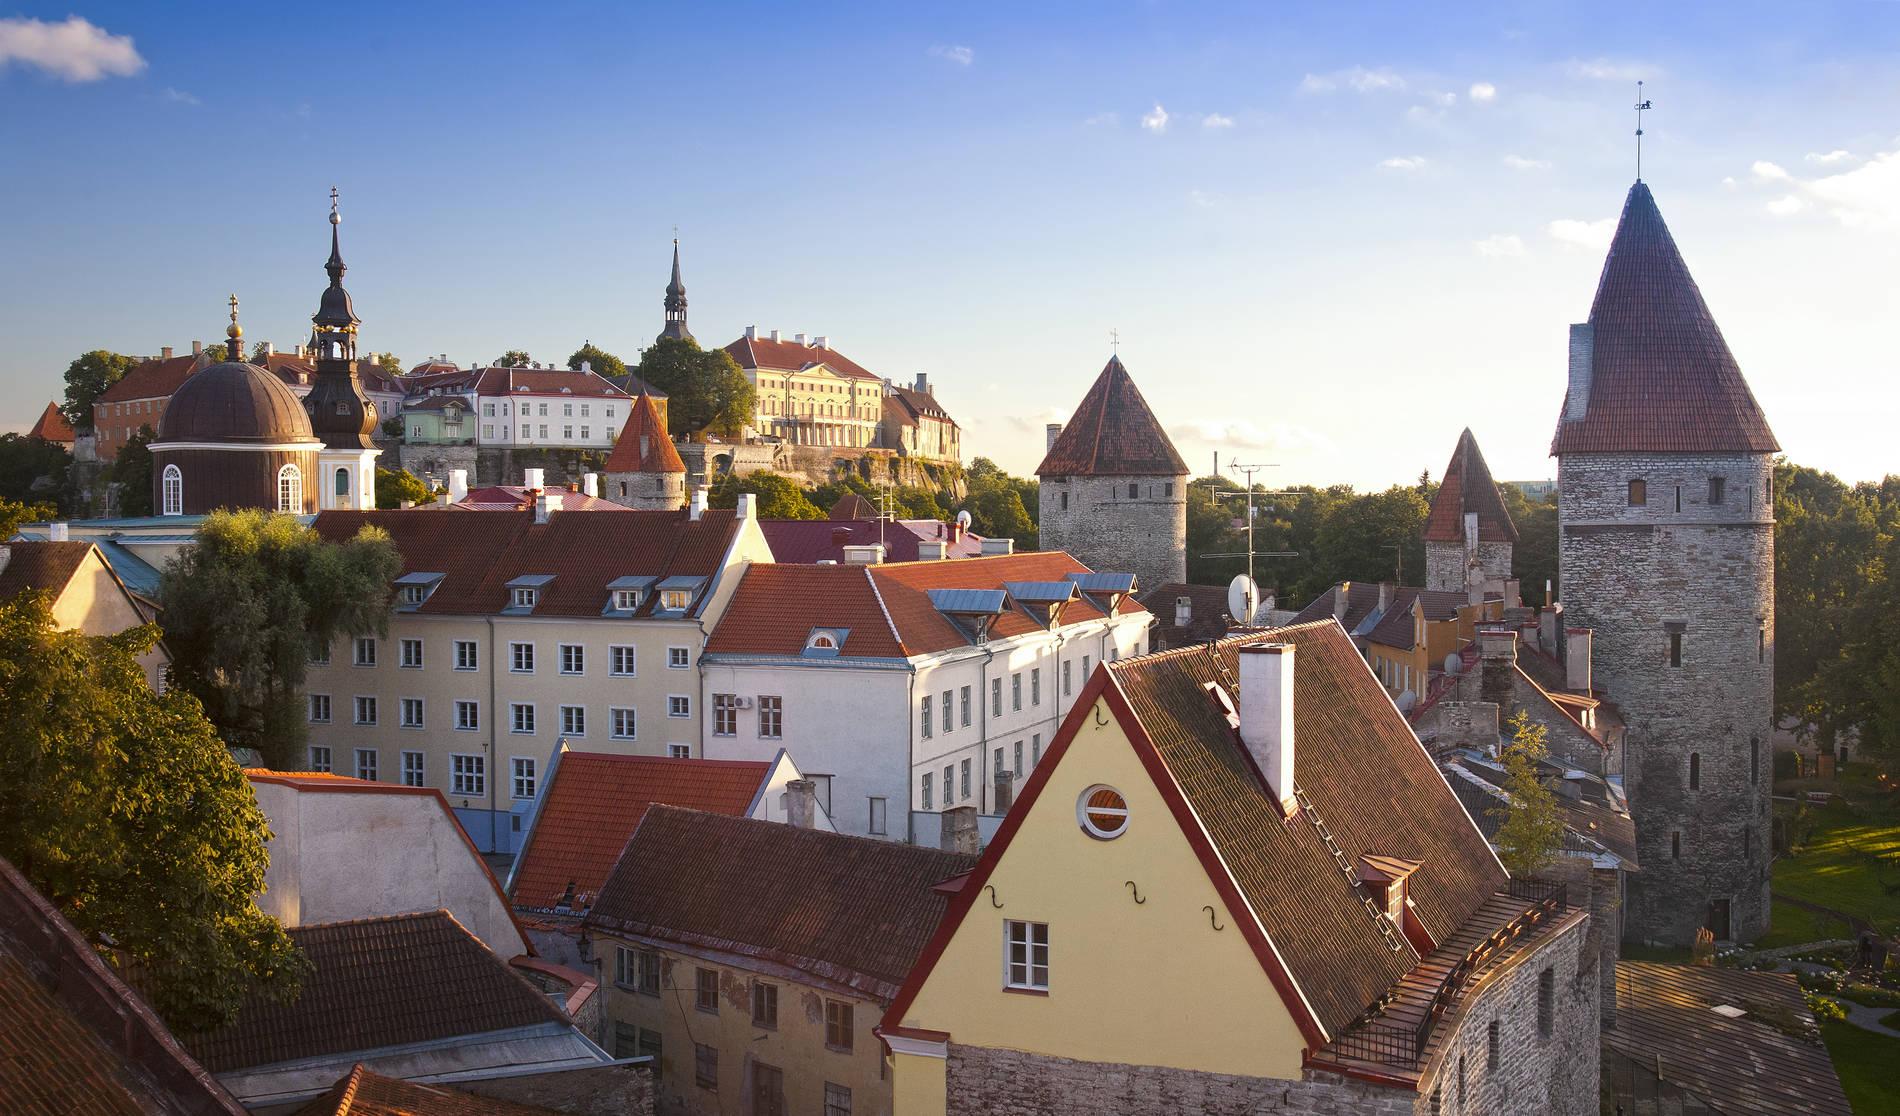 View of the Tallinn Old Town, Estonia